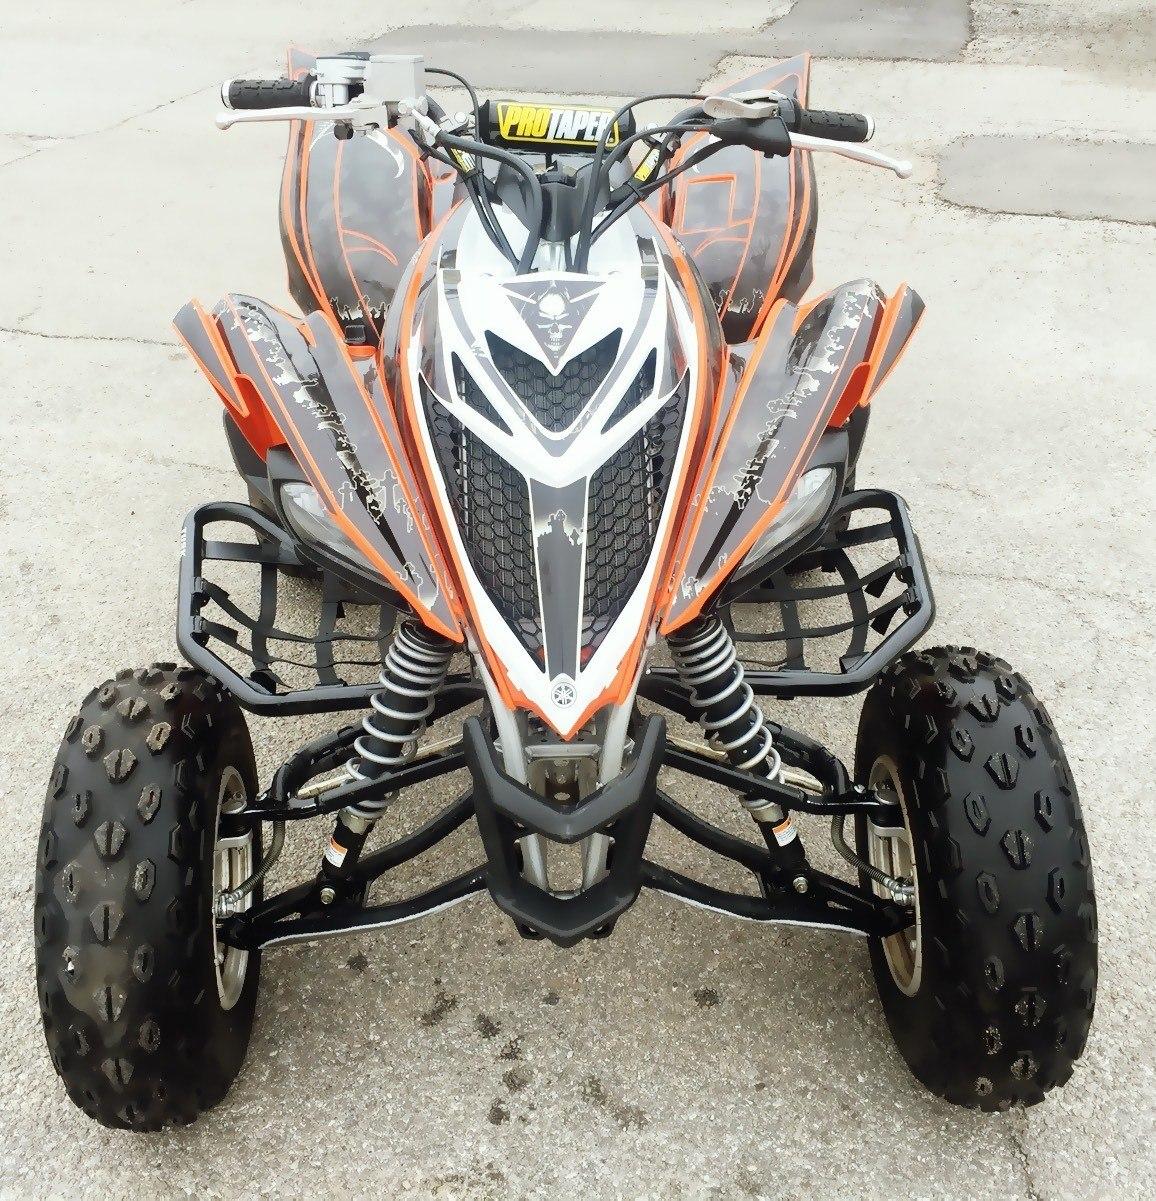 2014 Yamaha Raptor 700 2